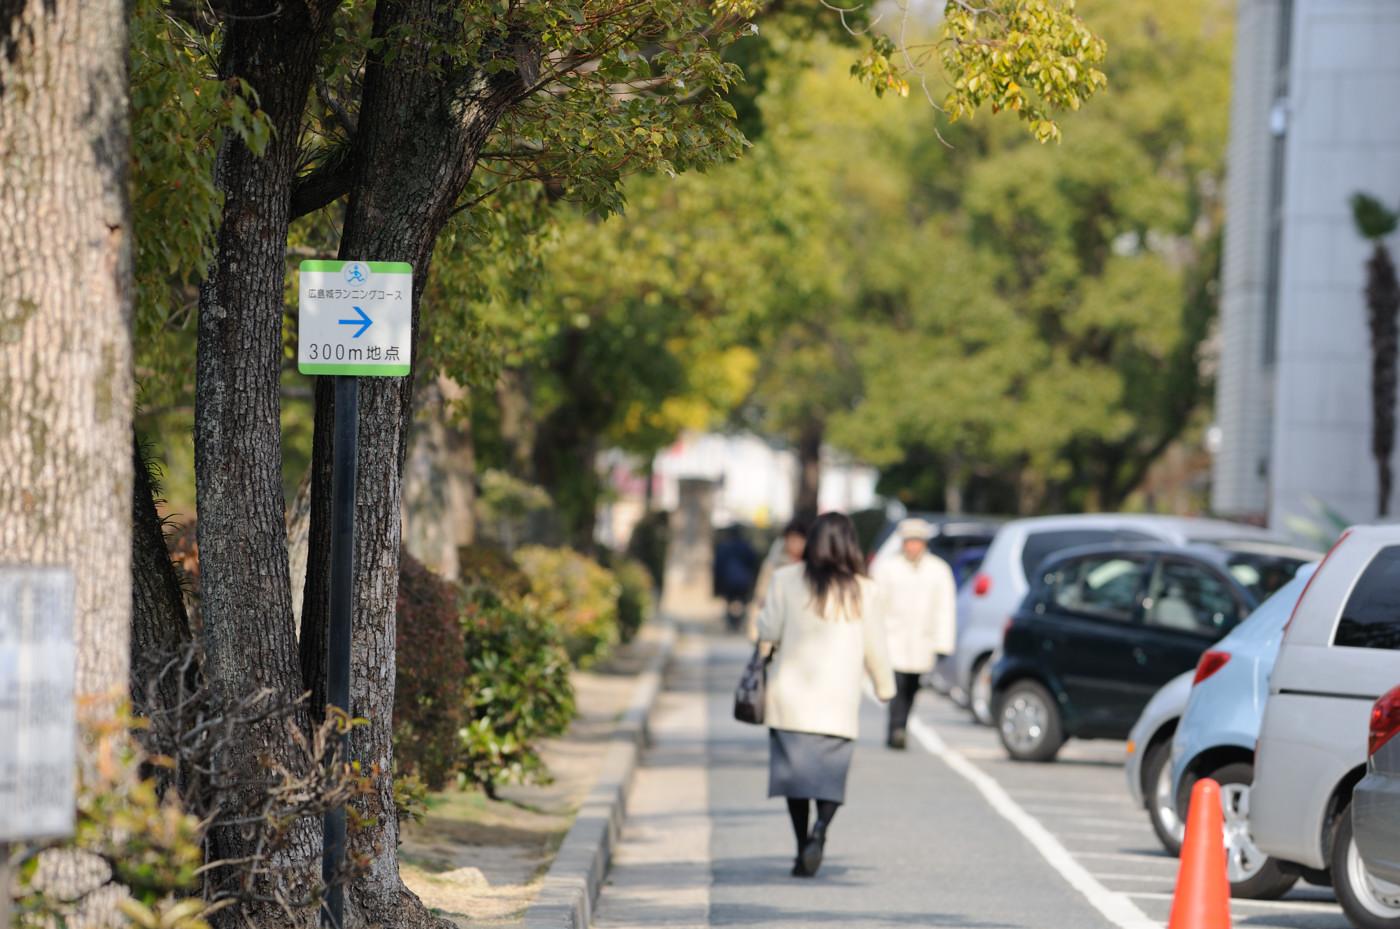 広島城ランニングコース300m地点